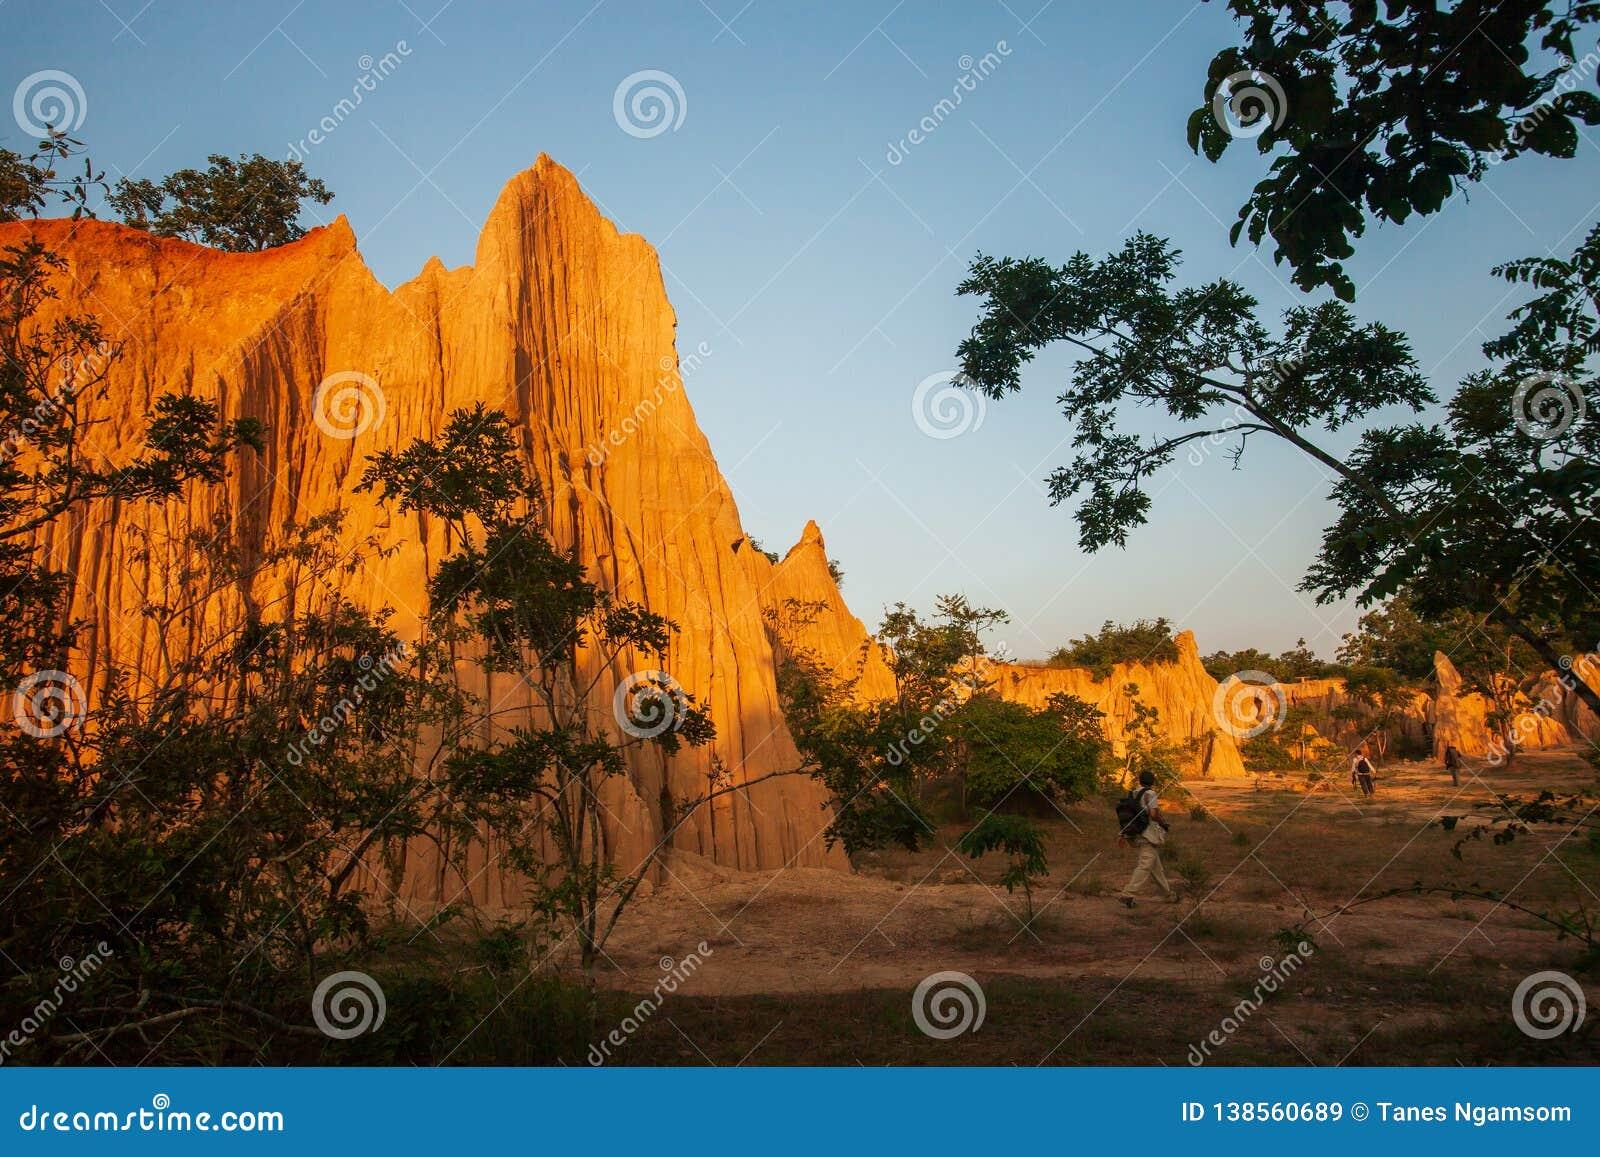 Ομάδα τουριστών στο αρχαίο φυσικό τοπίο στο ηλιοβασίλεμα Η περιοχή NA Noi Σάο DIN επιδεικνύει το γραφικό τοπίο του διαβρωμένου ψα